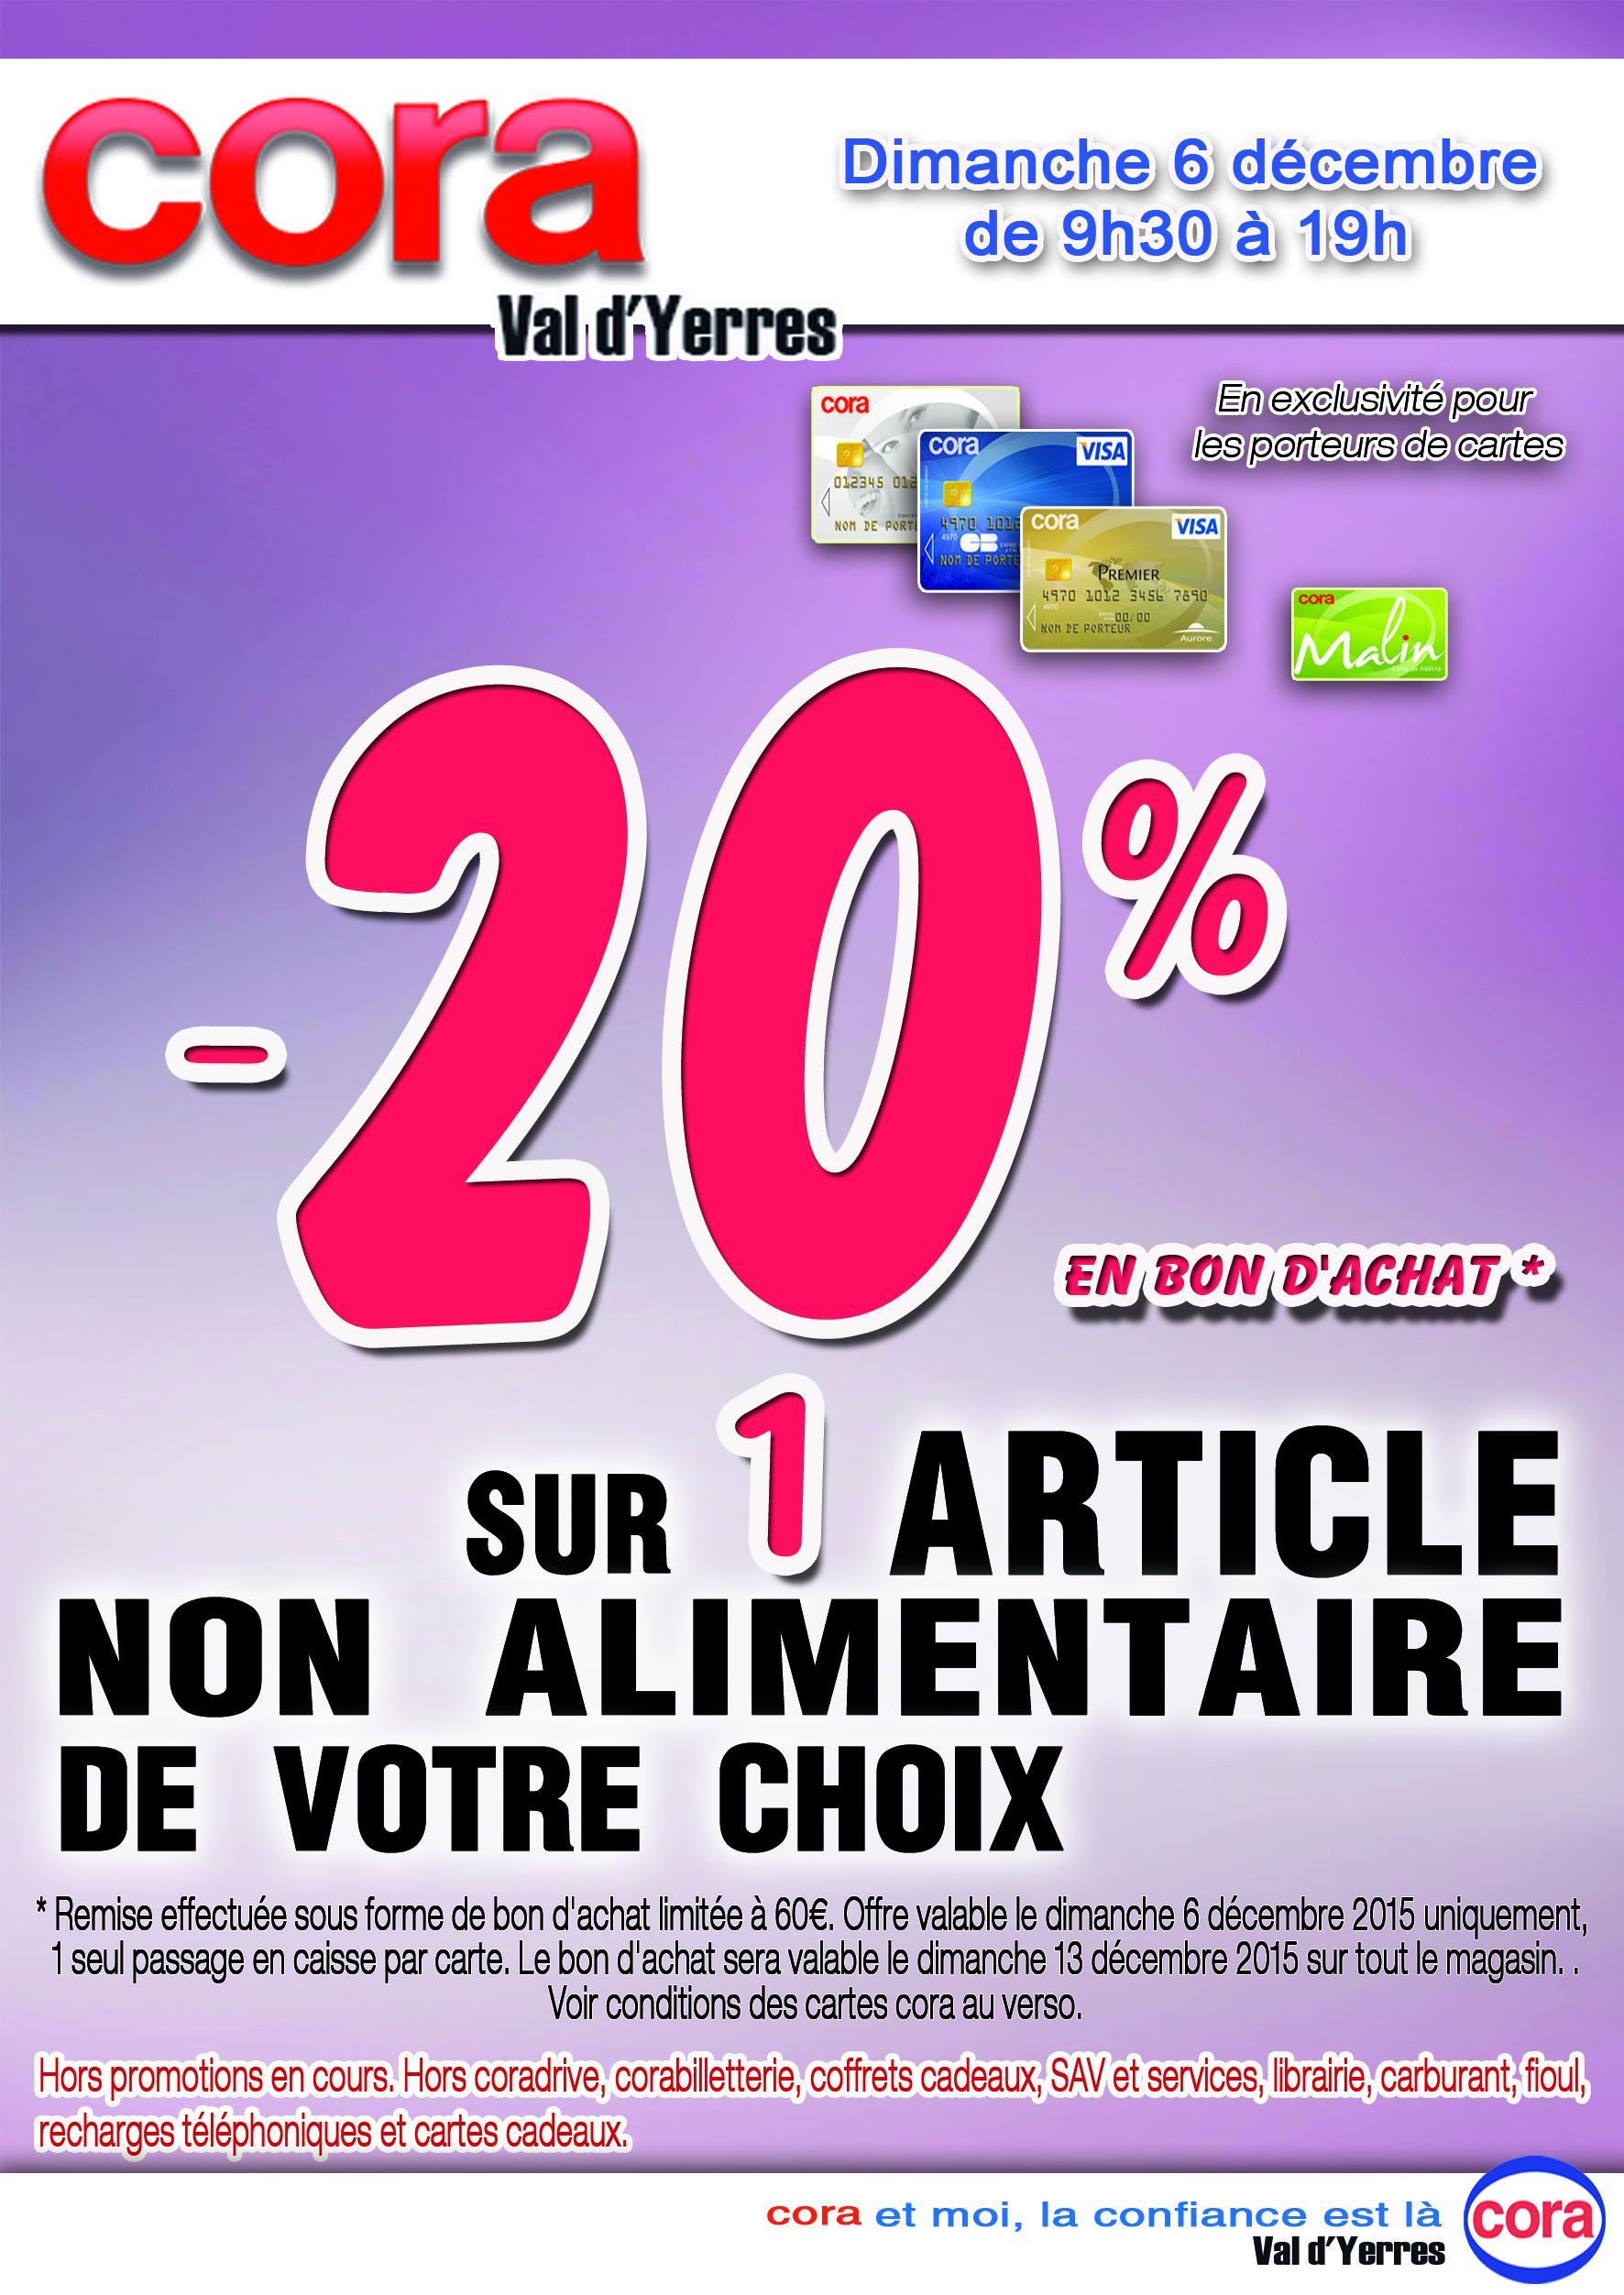 20% offert en bon d'achat sur 1 article non alimentaire de votre choix (maximum 60€ de bon)